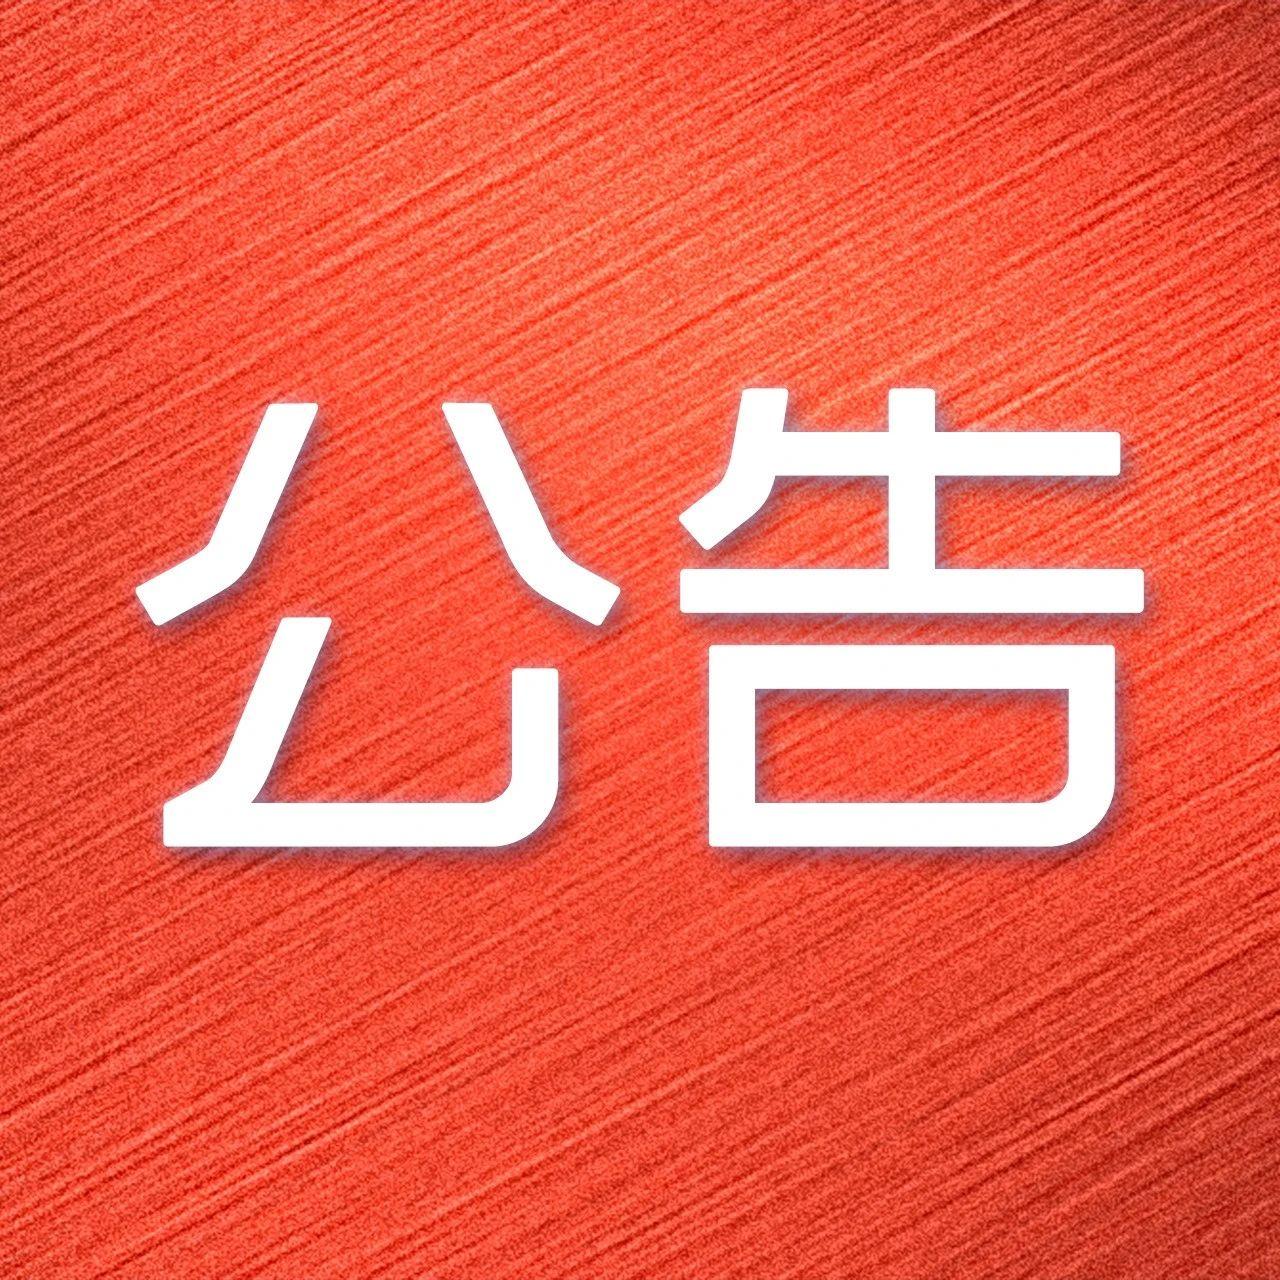 【扩散】准格尔旗一乡镇取消传统集市公告